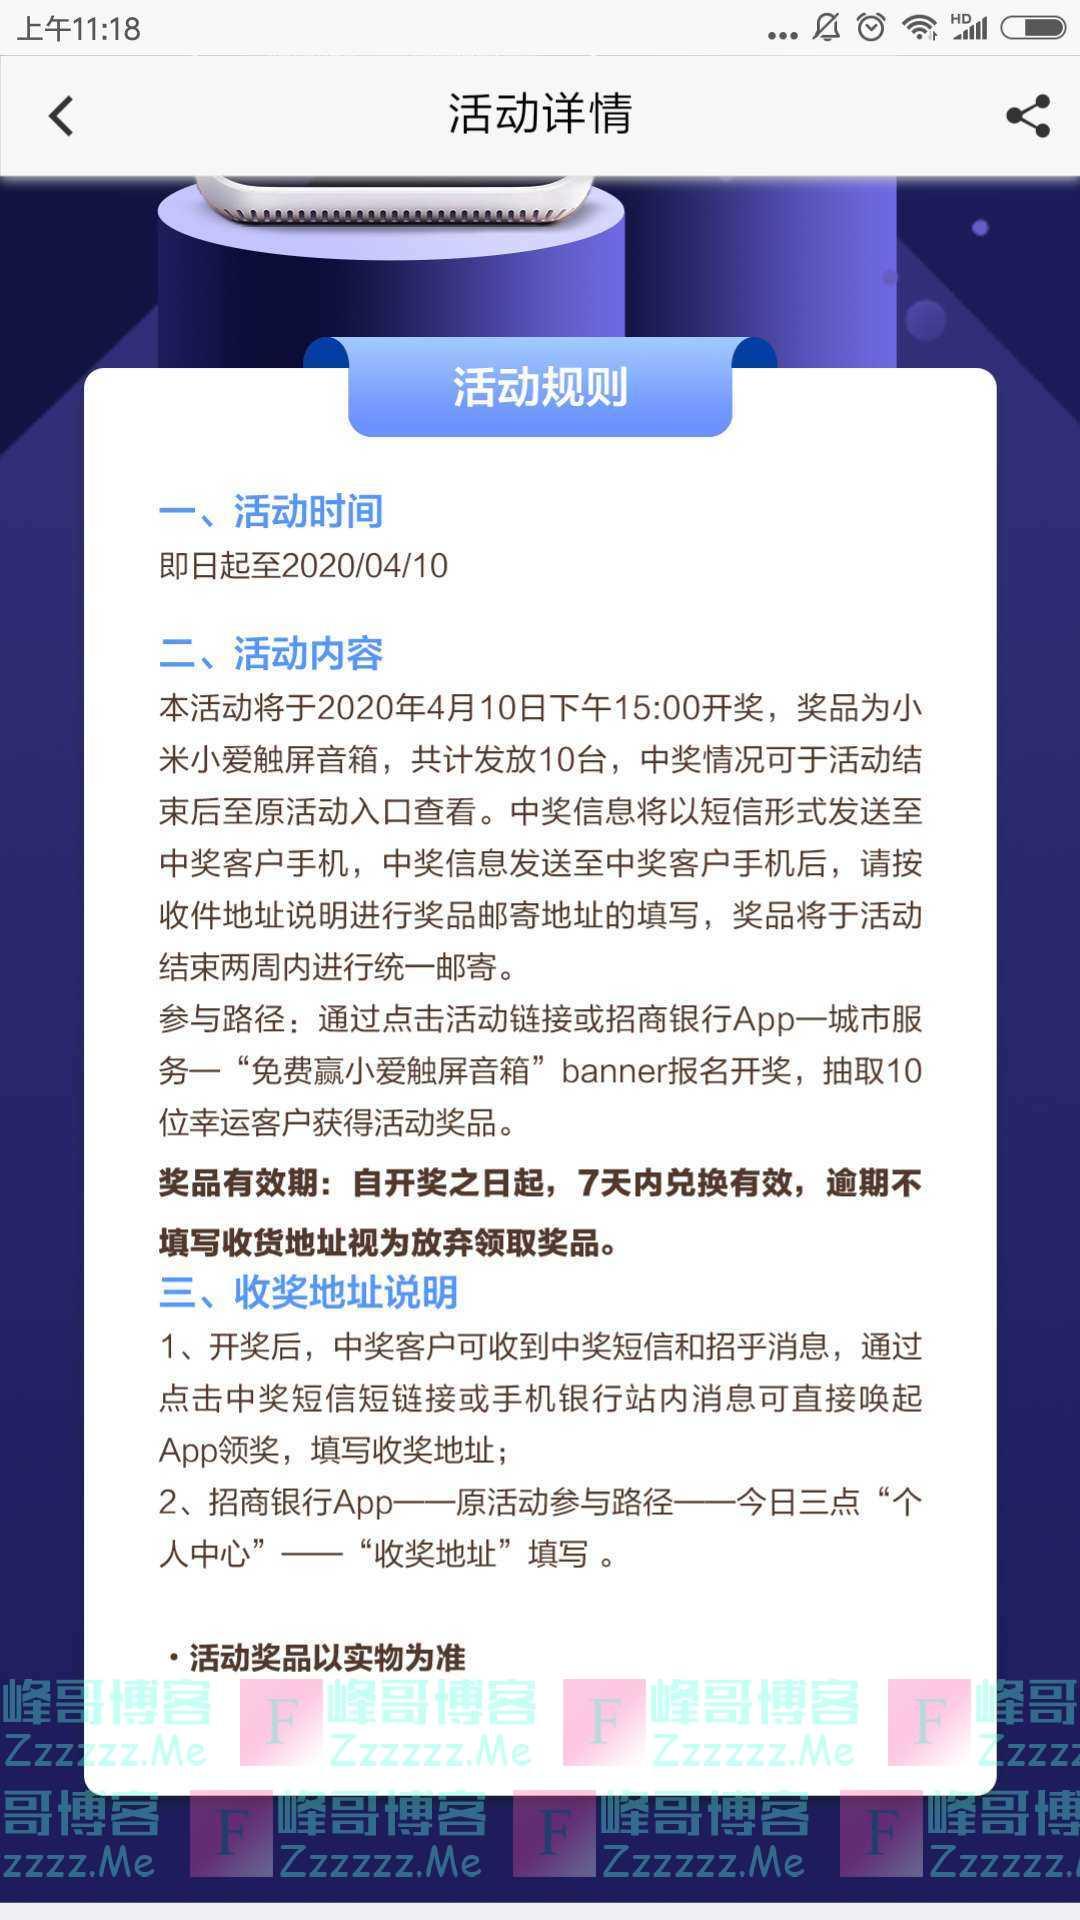 招行月末福利抽10台小爱音箱(截止4月10日)